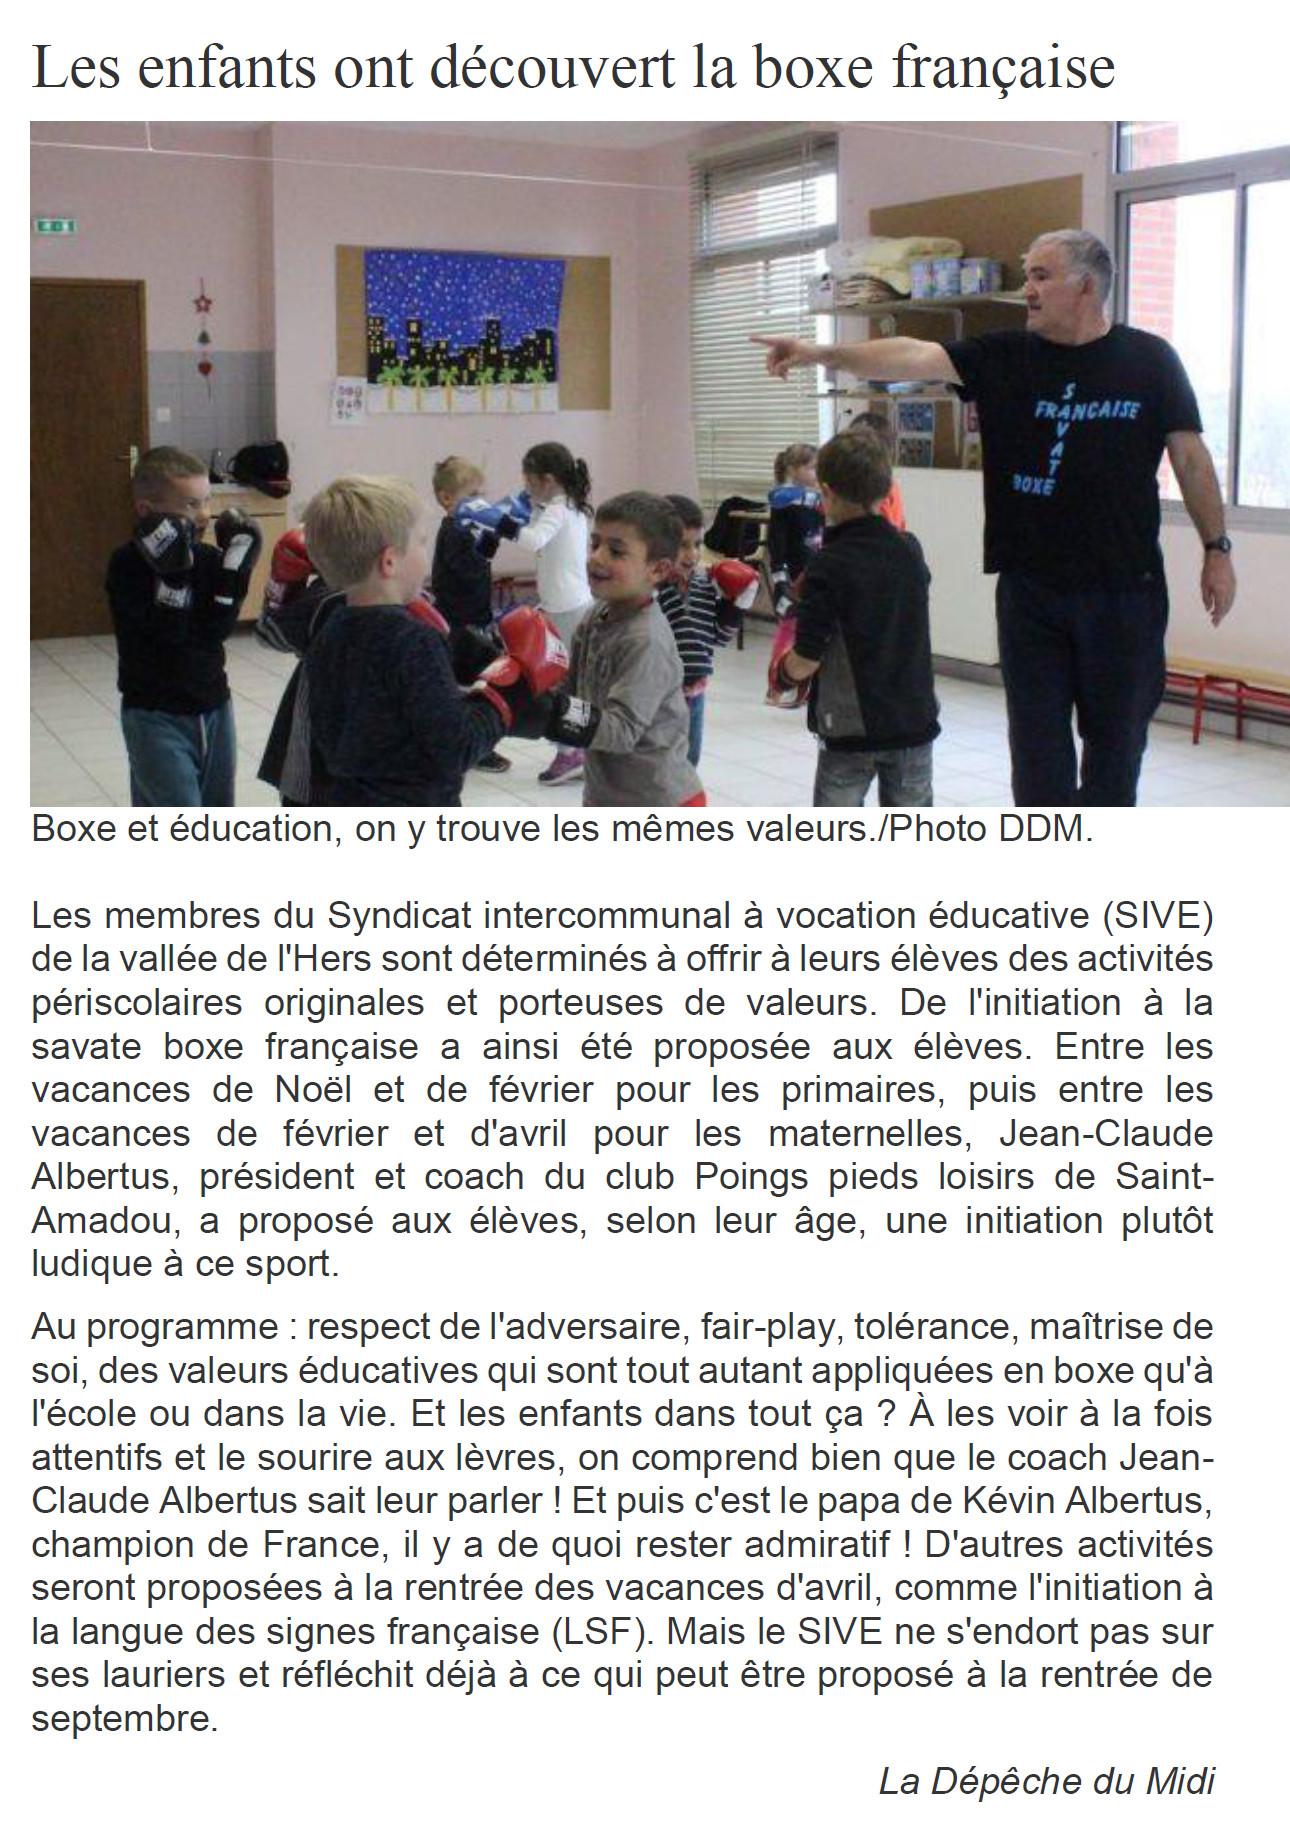 12-avril-2016-les-enfants-ont-decouvert-la-boxe-francaise